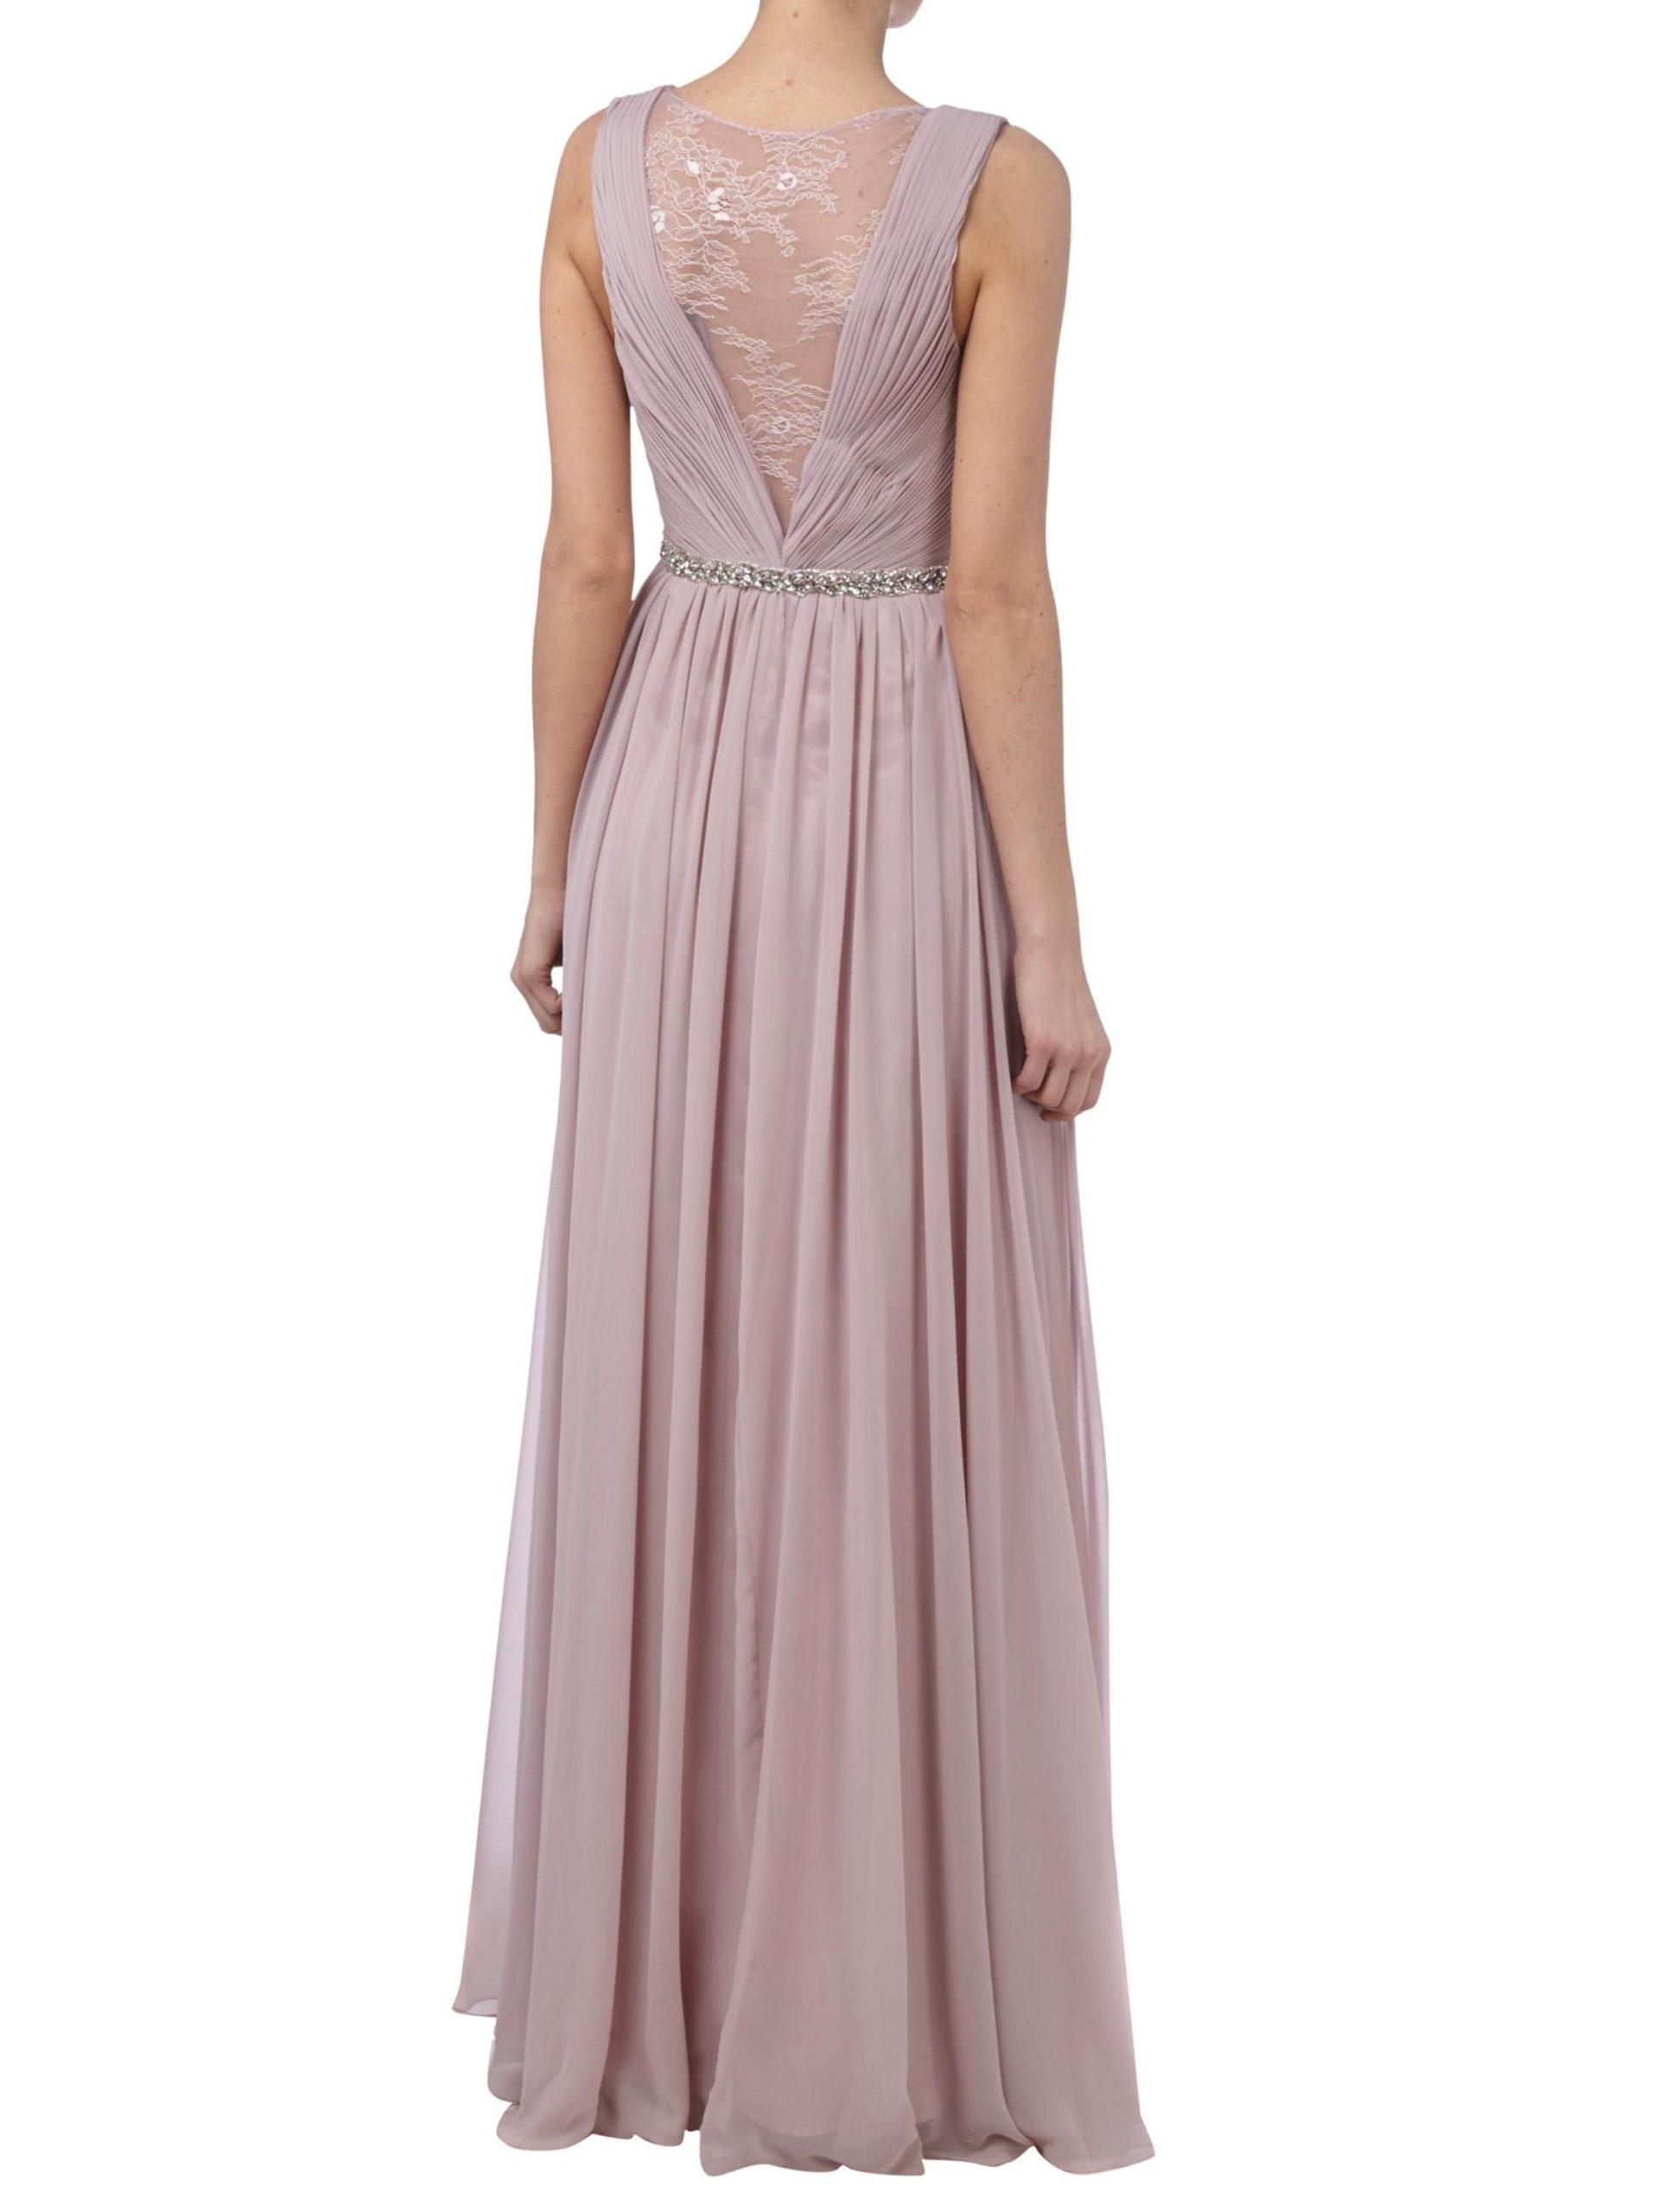 10 Leicht Abendkleid Unique VertriebAbend Luxus Abendkleid Unique Bester Preis